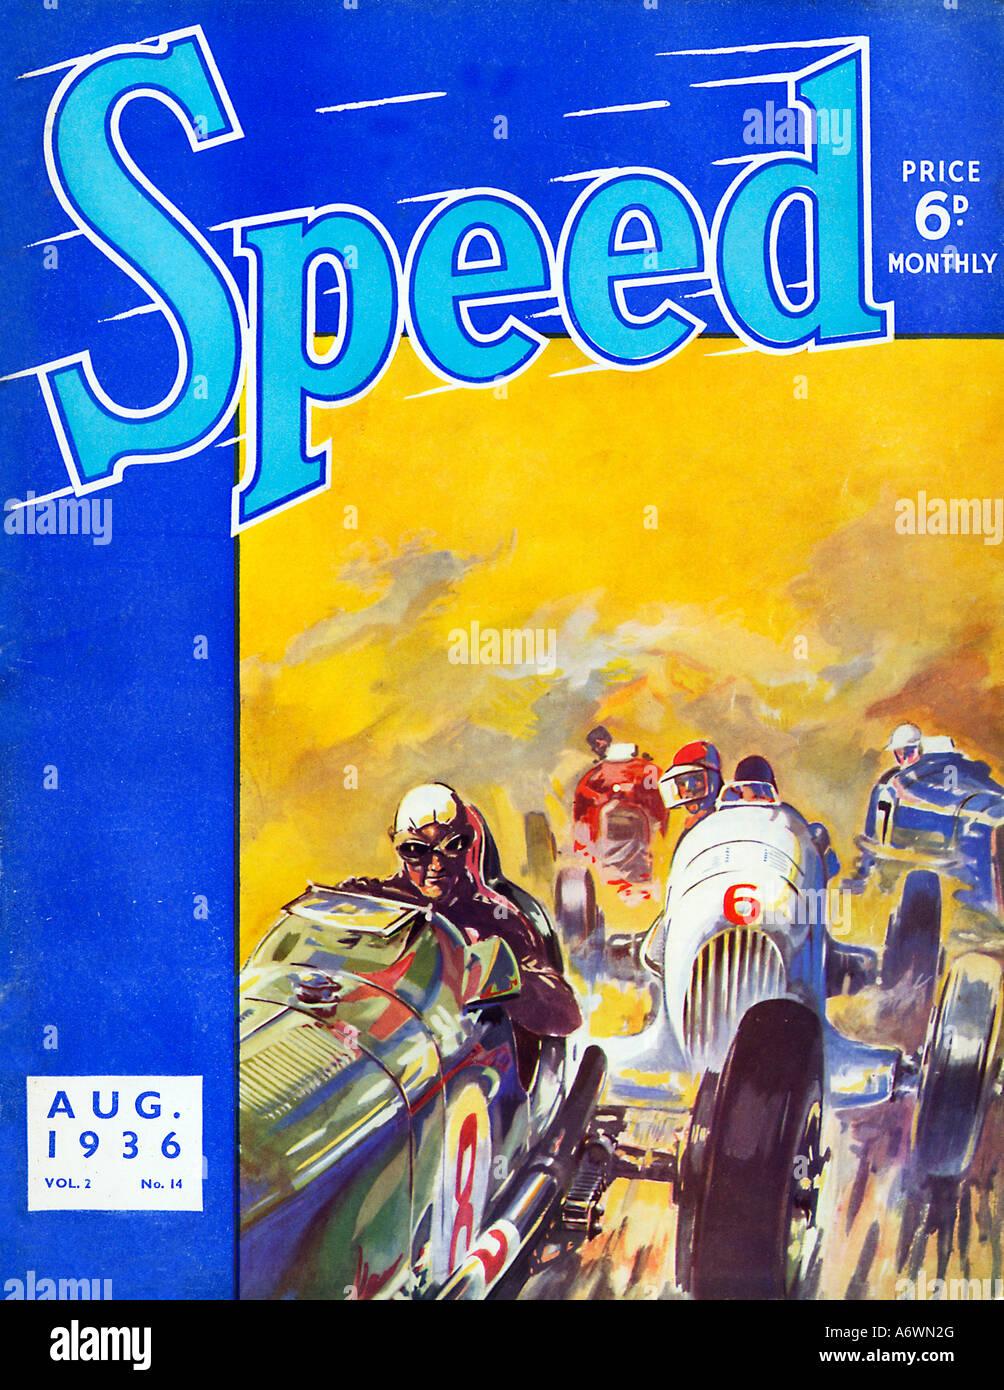 Velocità Agosto 1936 copertina della rivista per il motore agli appassionati di sport mostra racing cars spintoni Immagini Stock